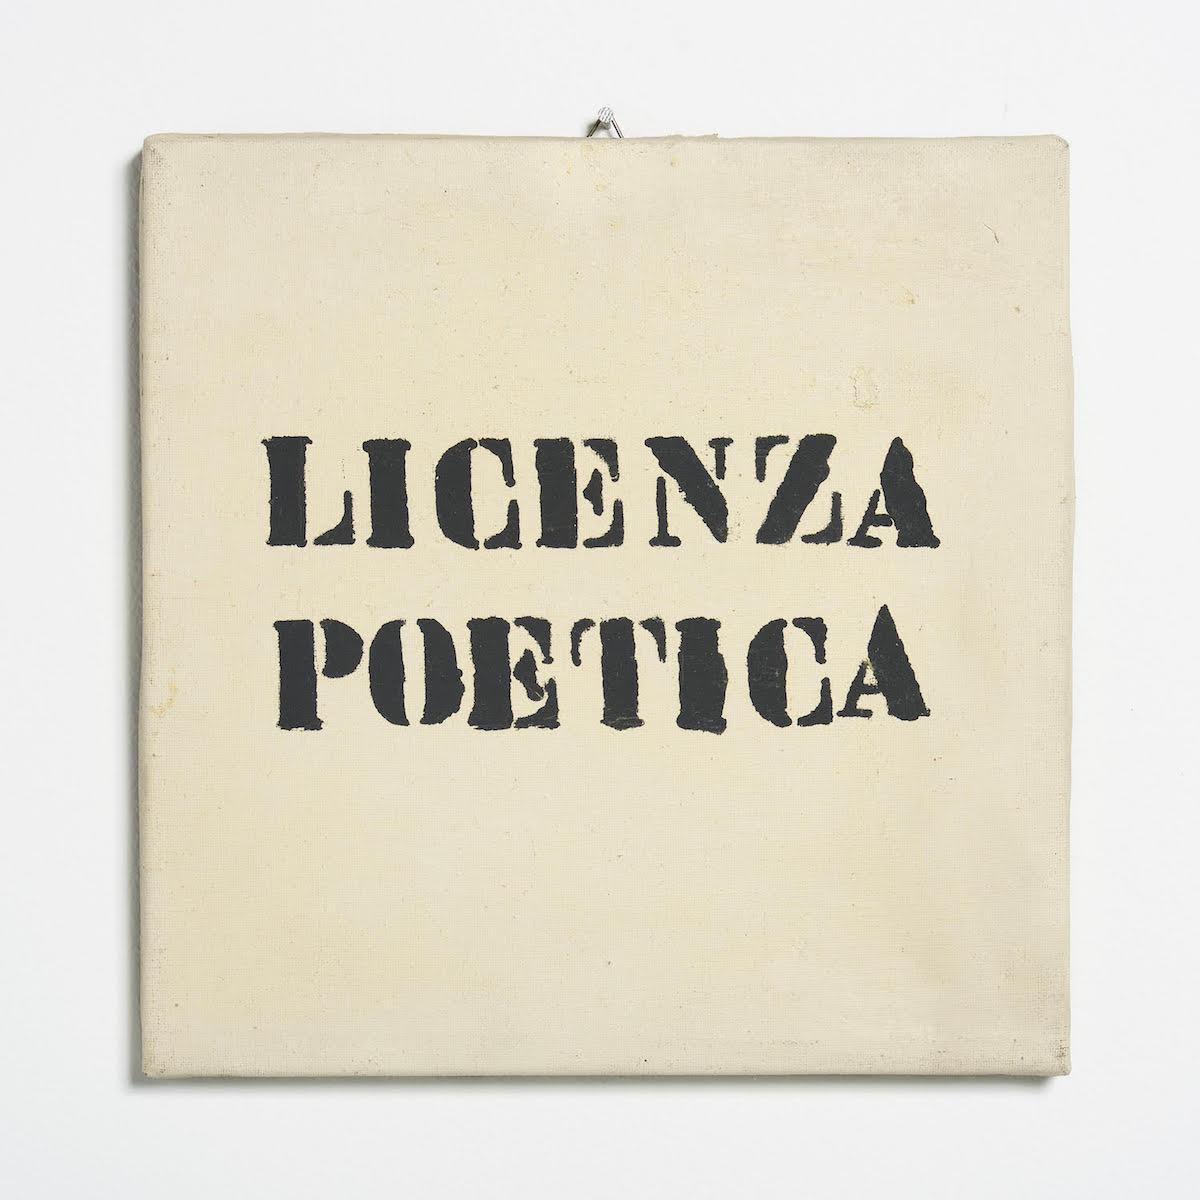 Sarenco, Licenza poetica, 1969, ph. Max Pescio